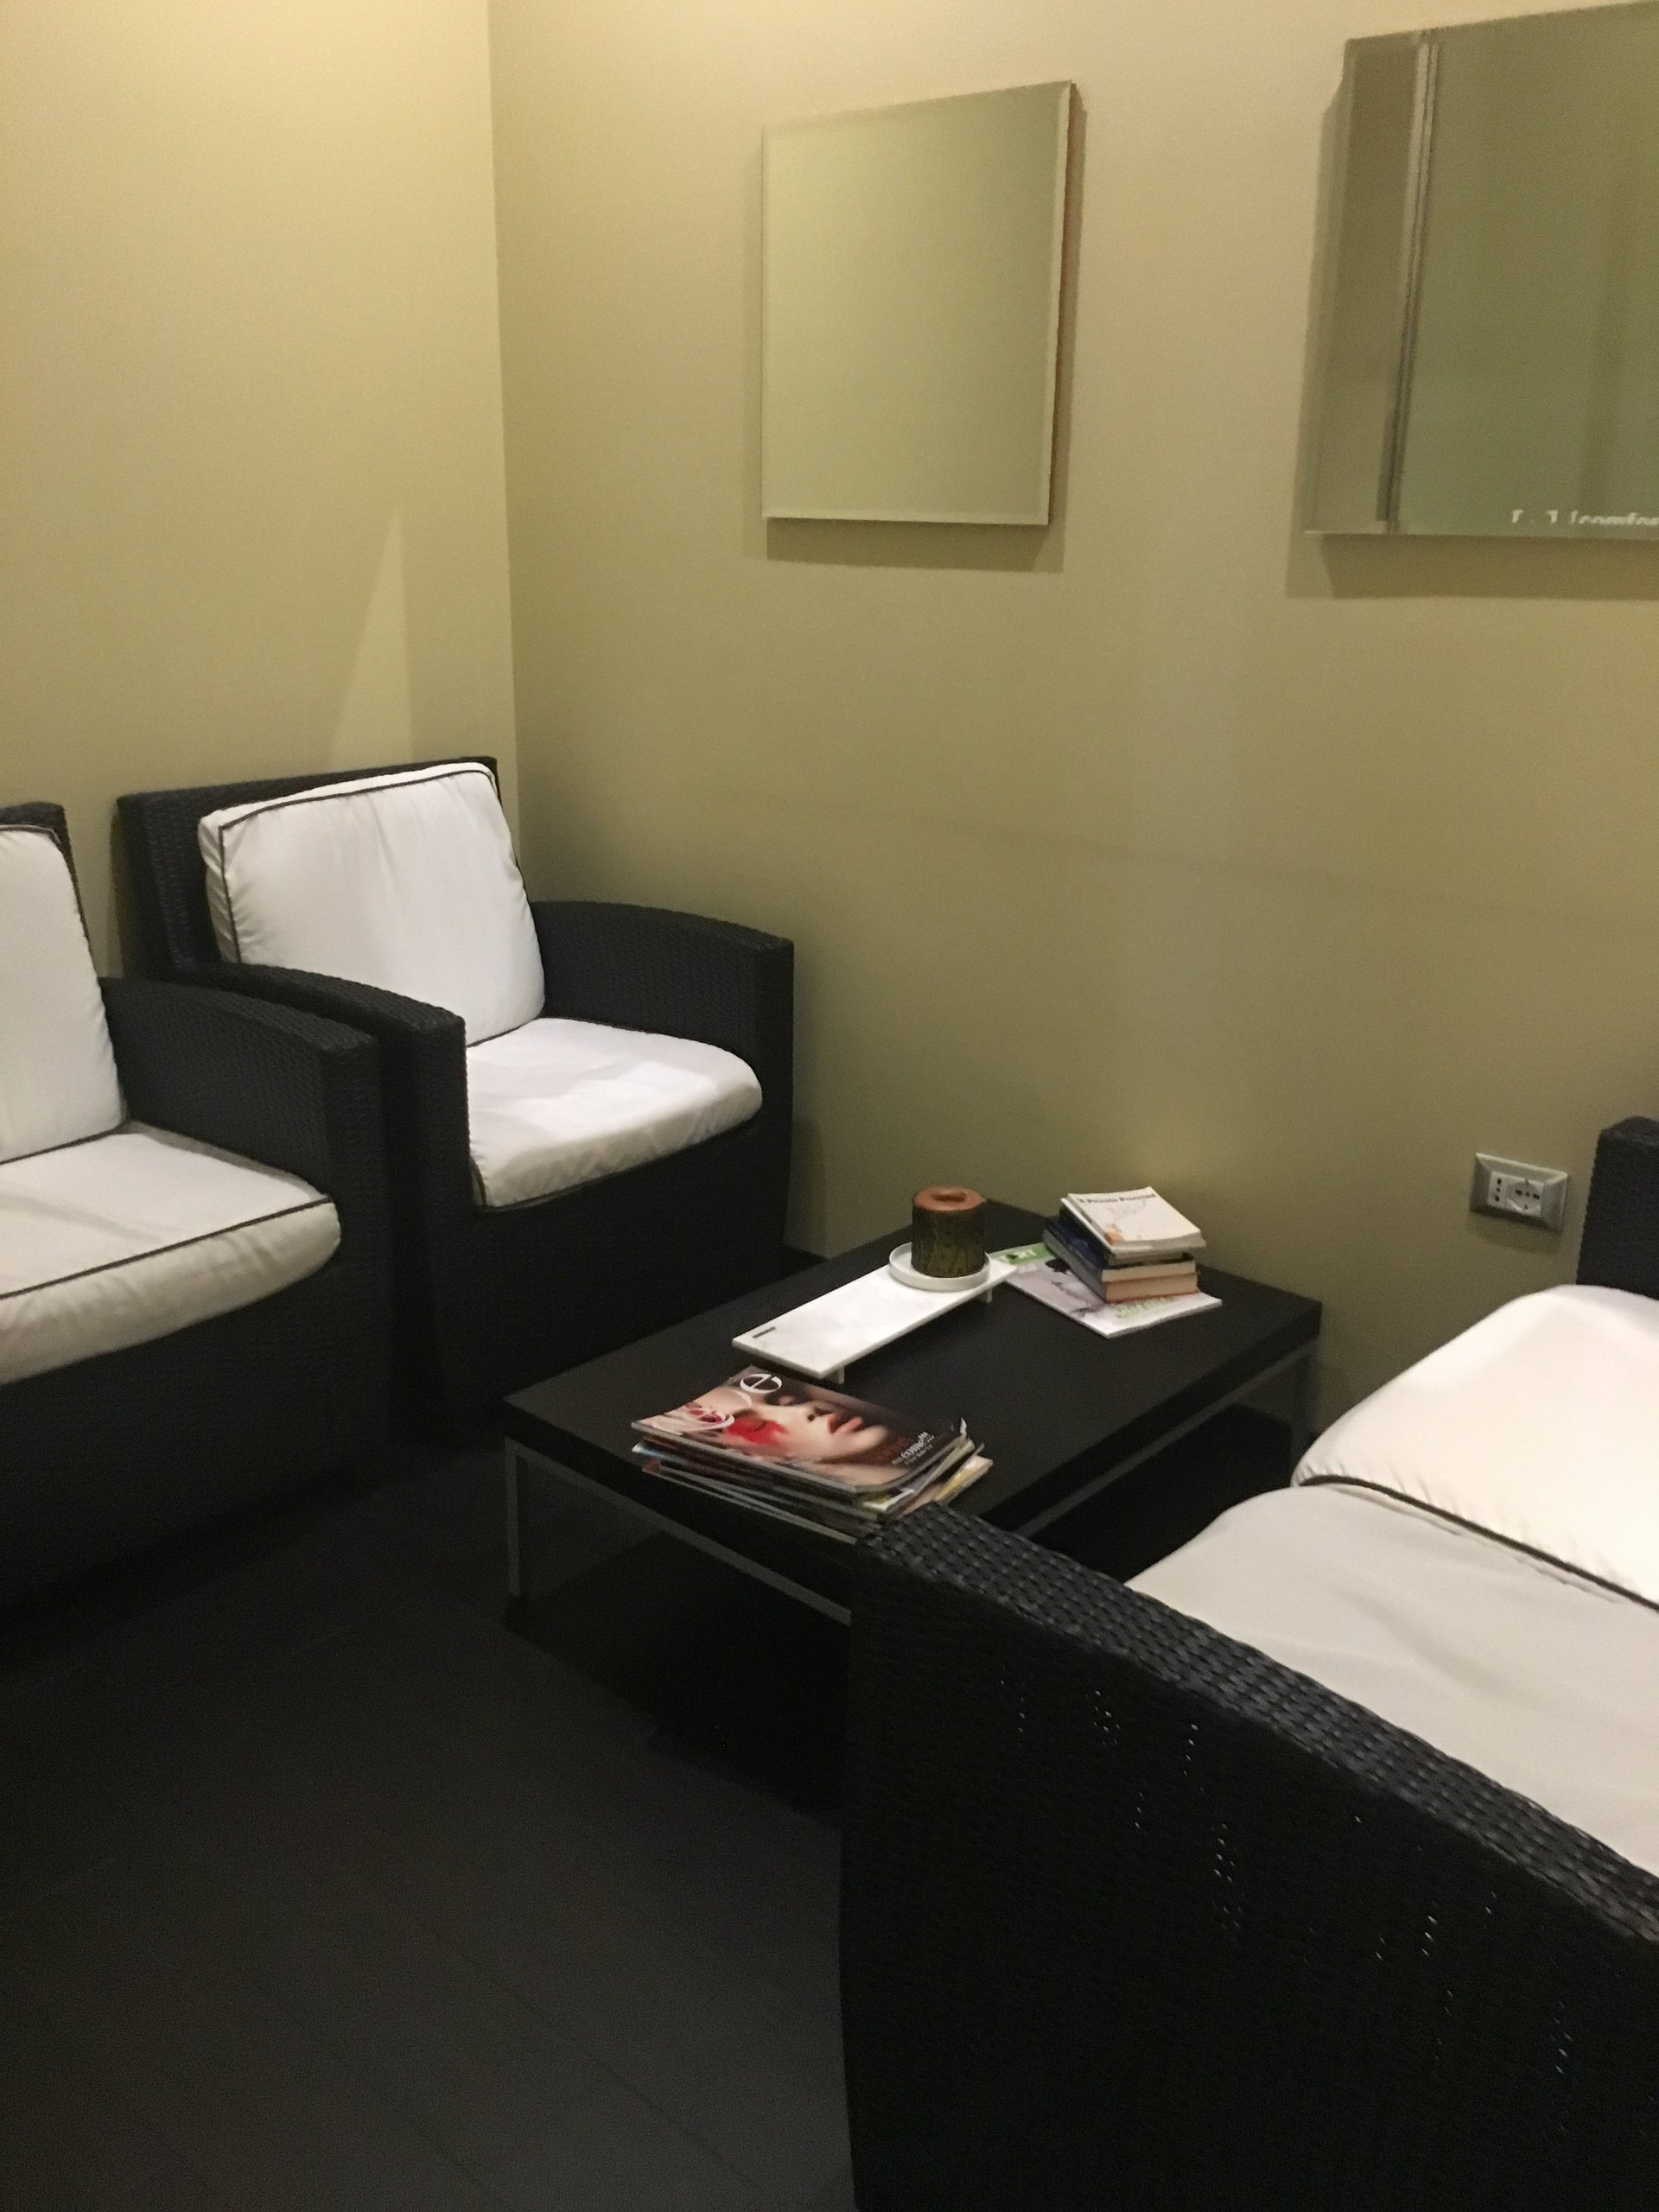 sala di attesa del centro estetico